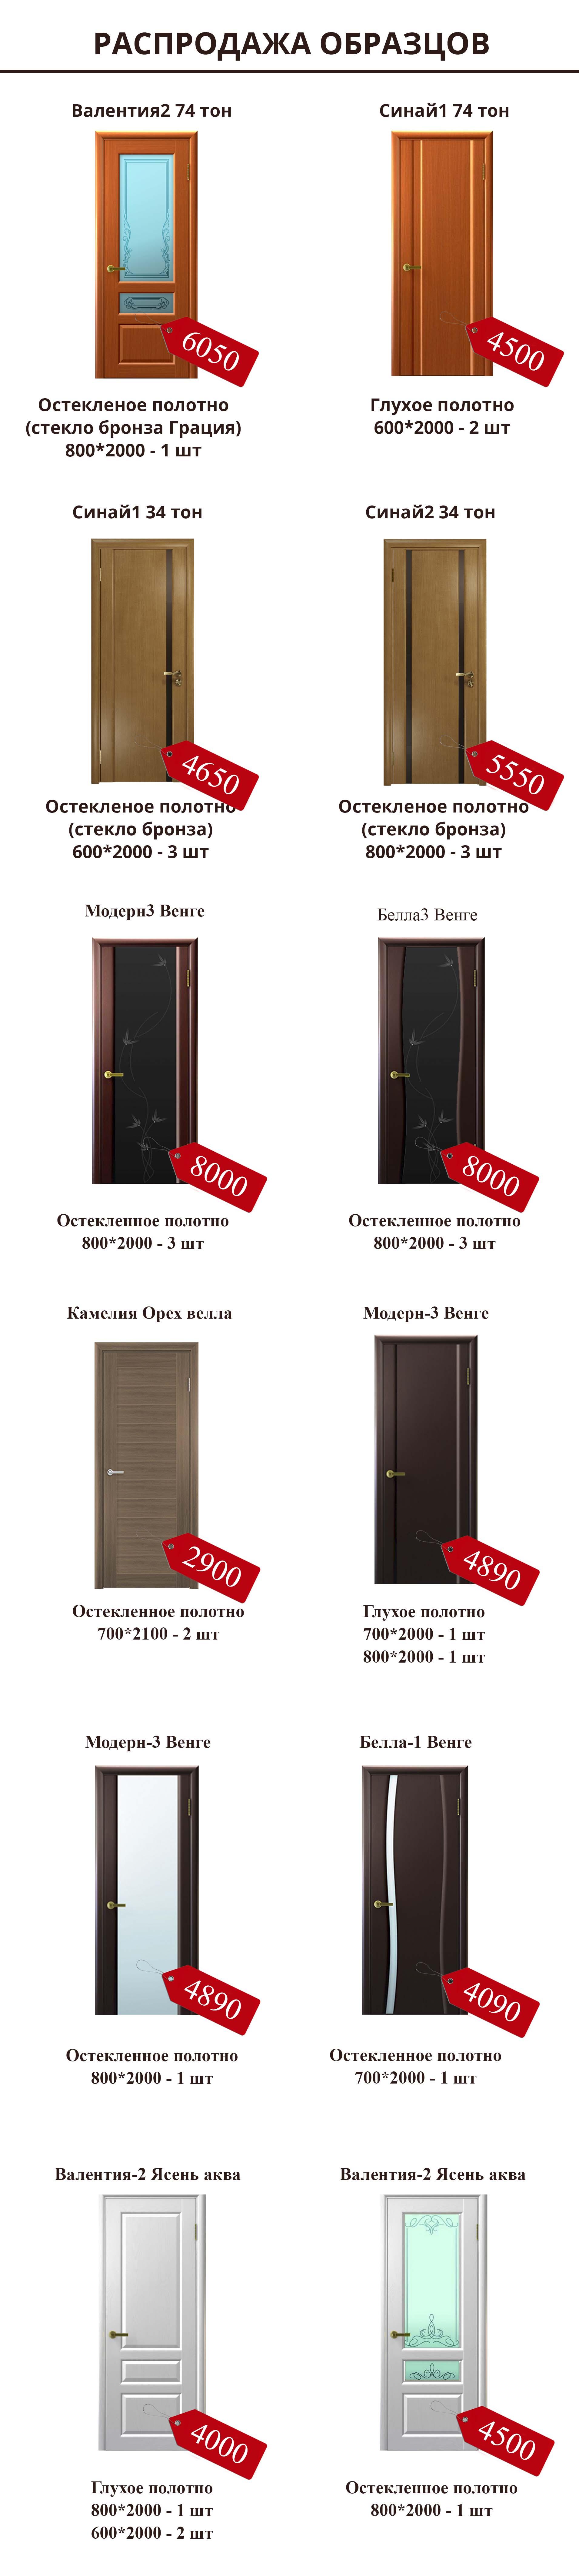 http://www.dveriulyanovskie.ru/images/upload/образцы.jpg